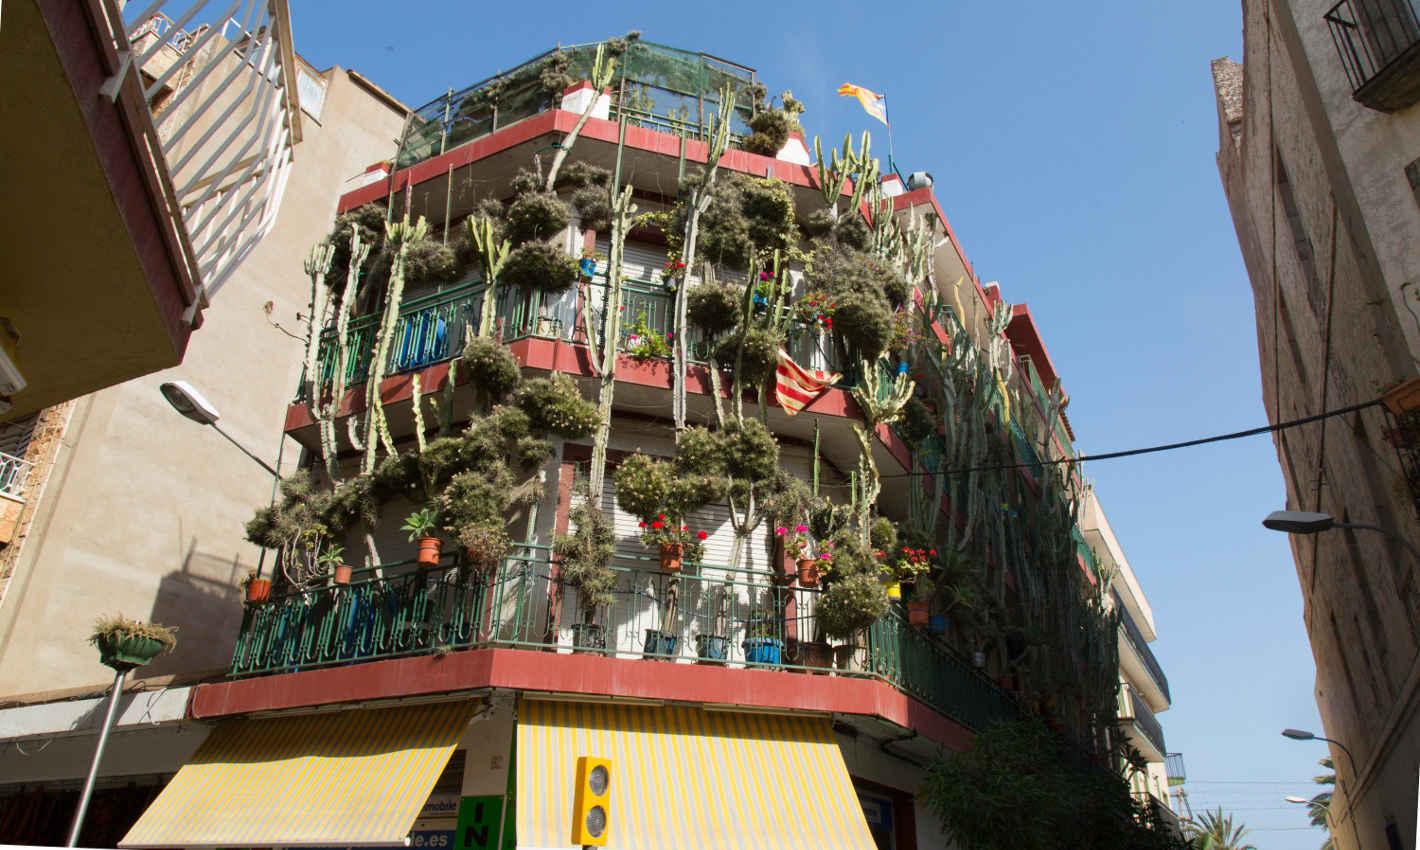 Casa dels Cactus de Calella